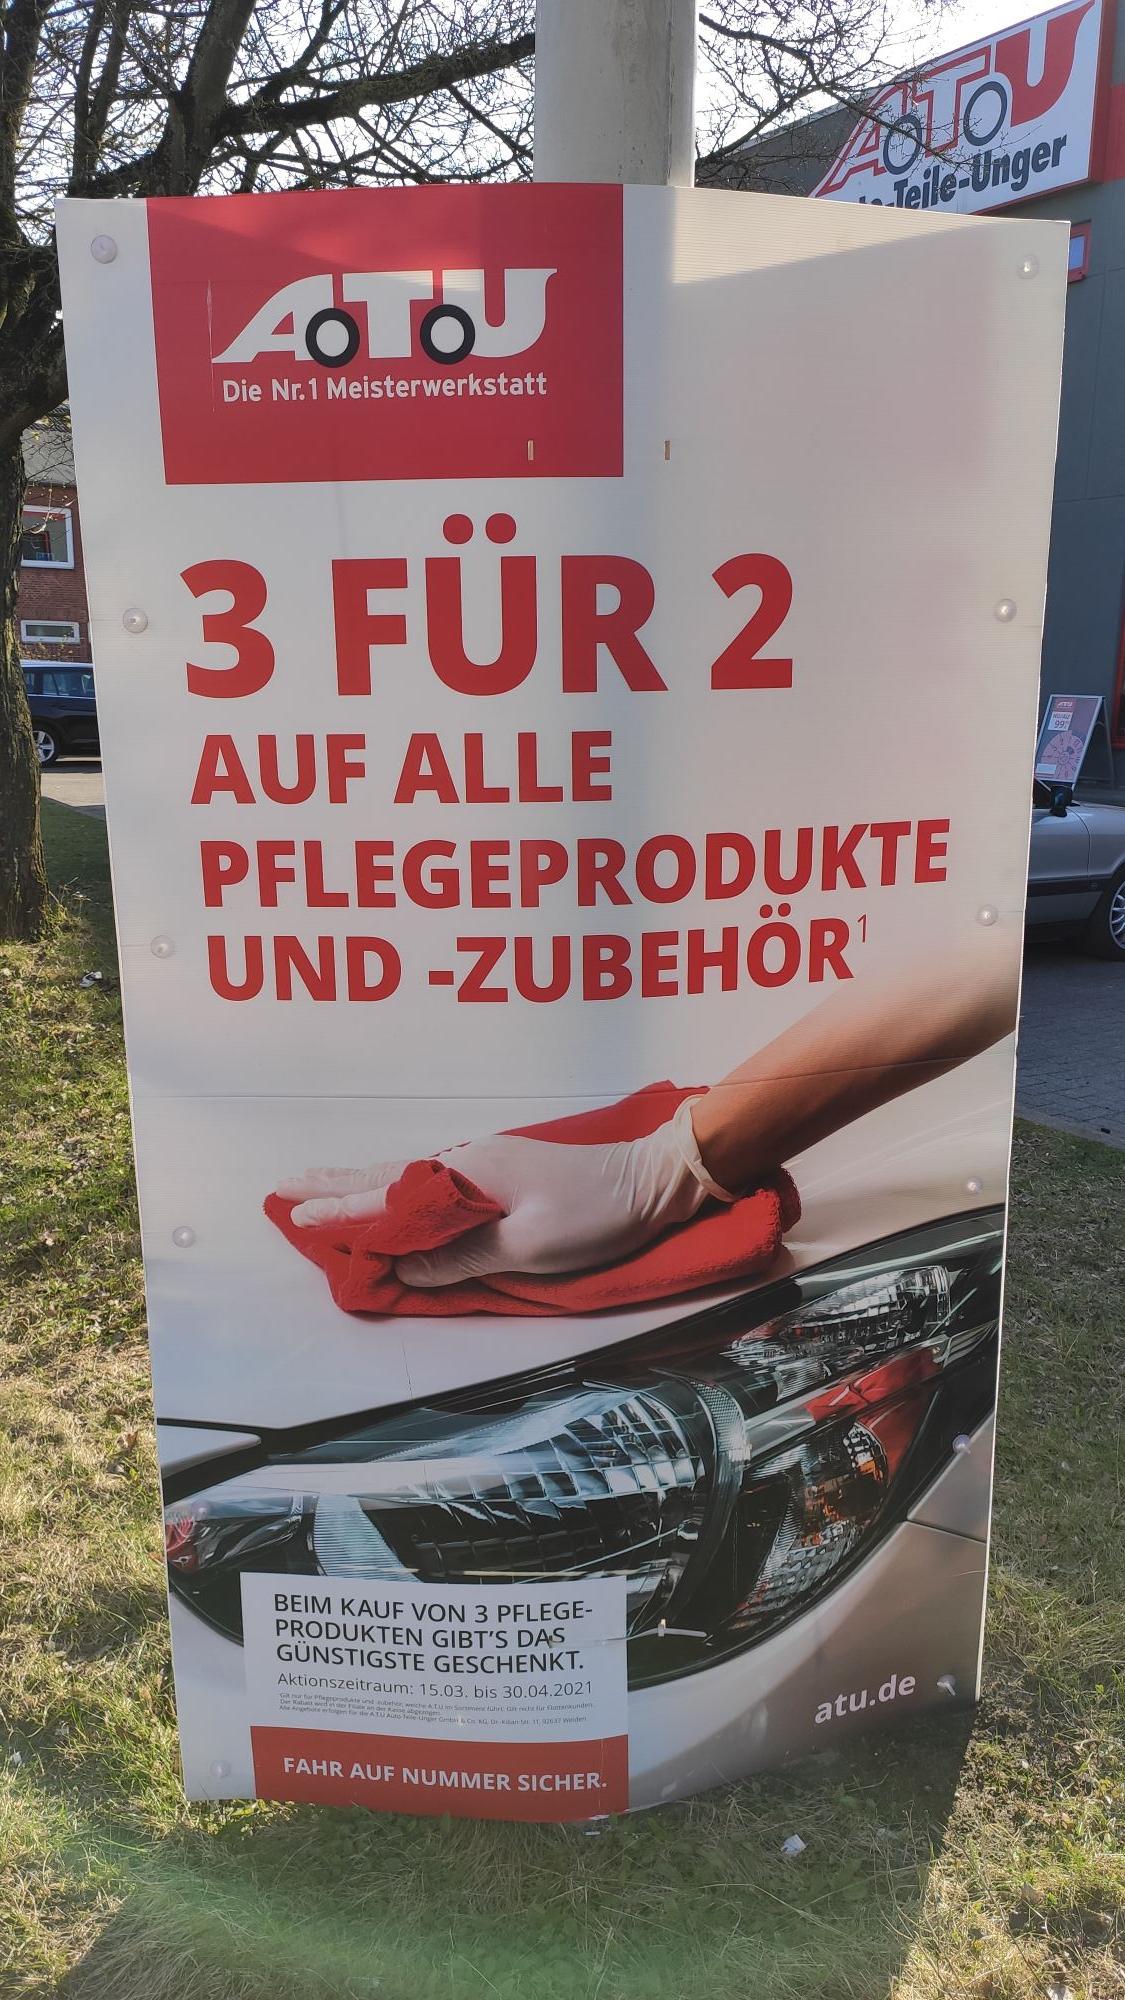 [A.T.U] 3 FÜR 2 AUF ALLE PFLEGEPRODUKTE UND-ZUBEHÖR¹